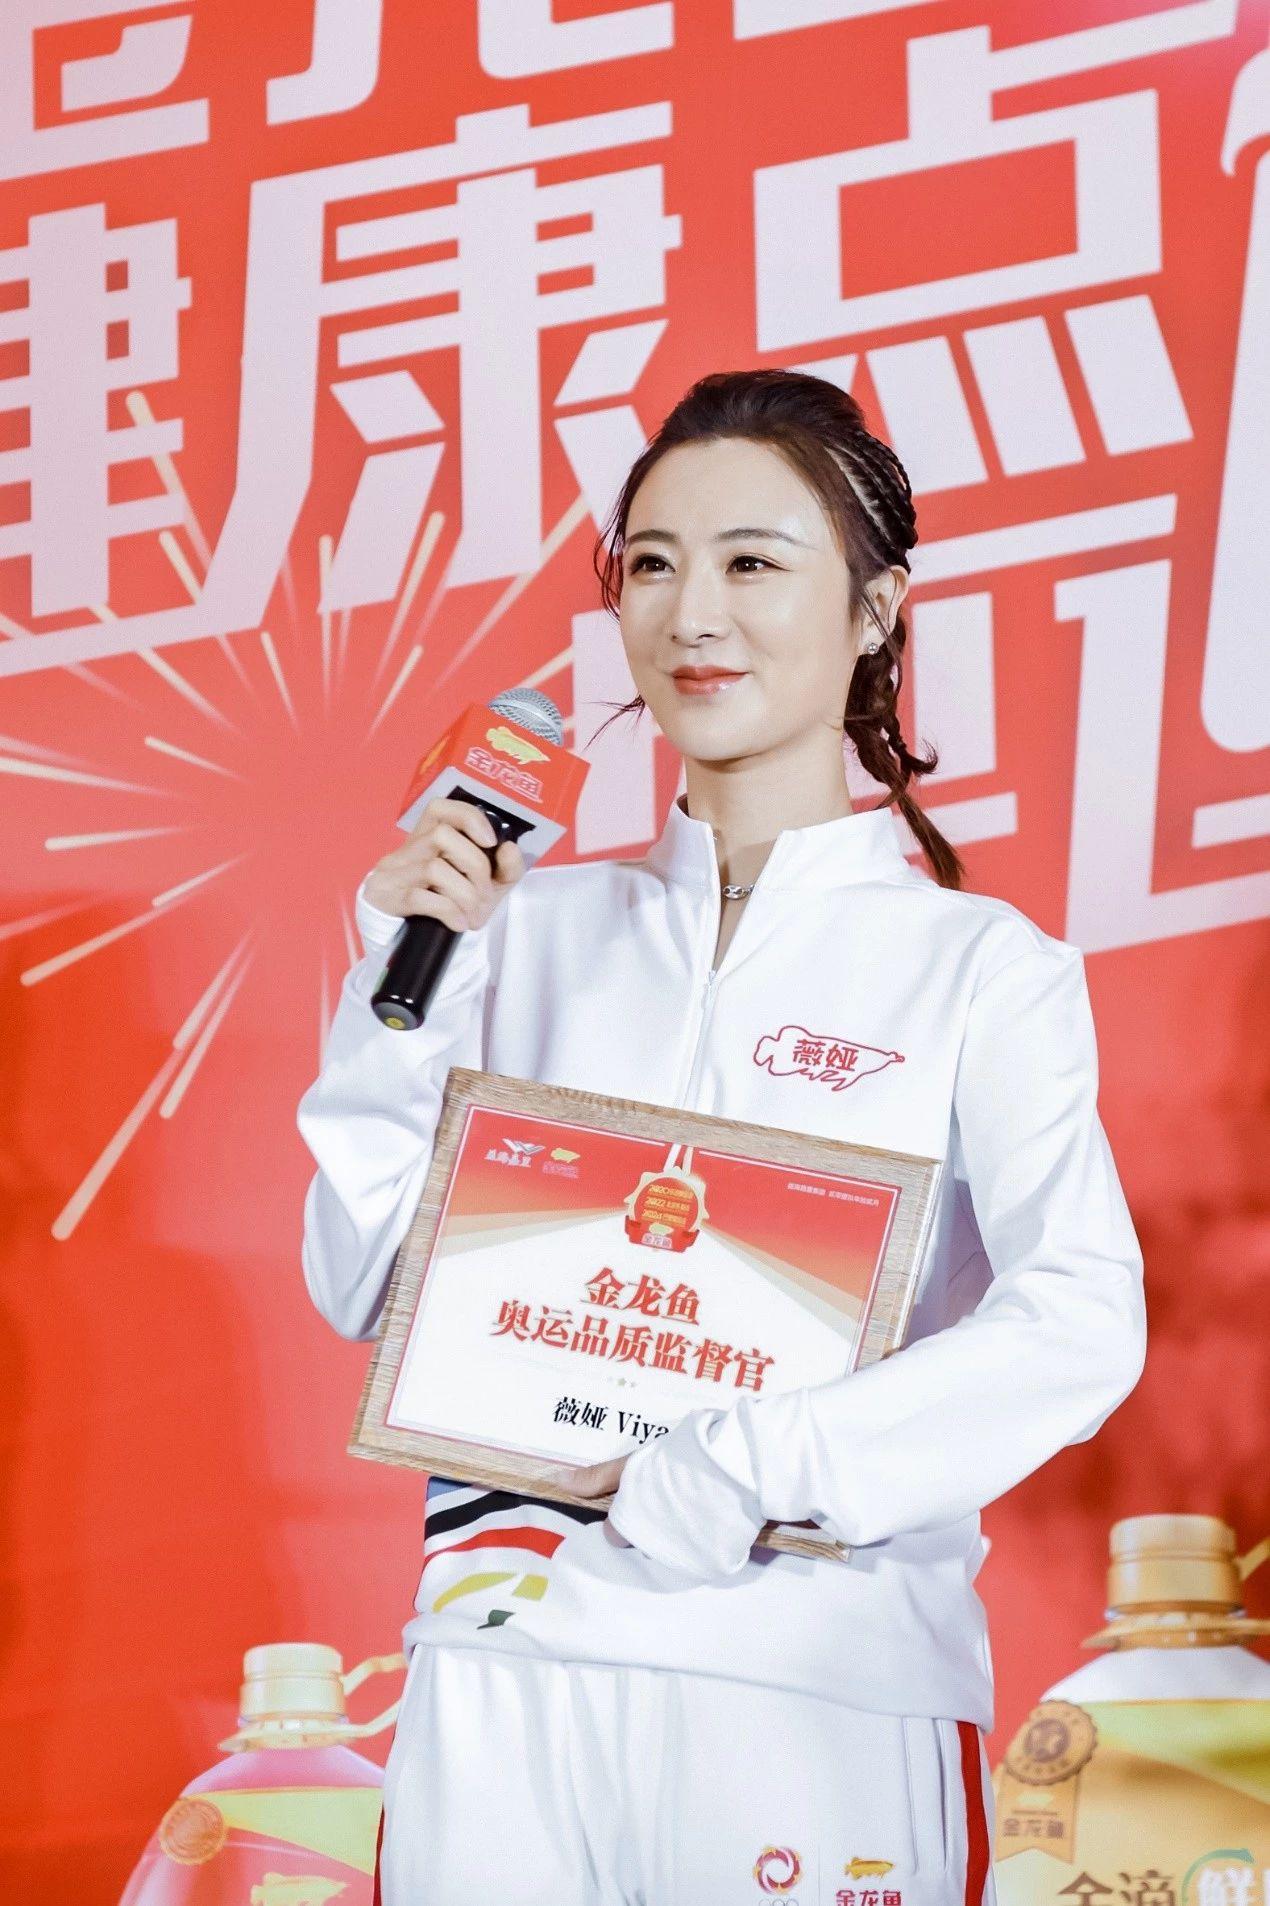 这个历久弥新的中国爆款,联合国内第一直播女王,要搞大事情?